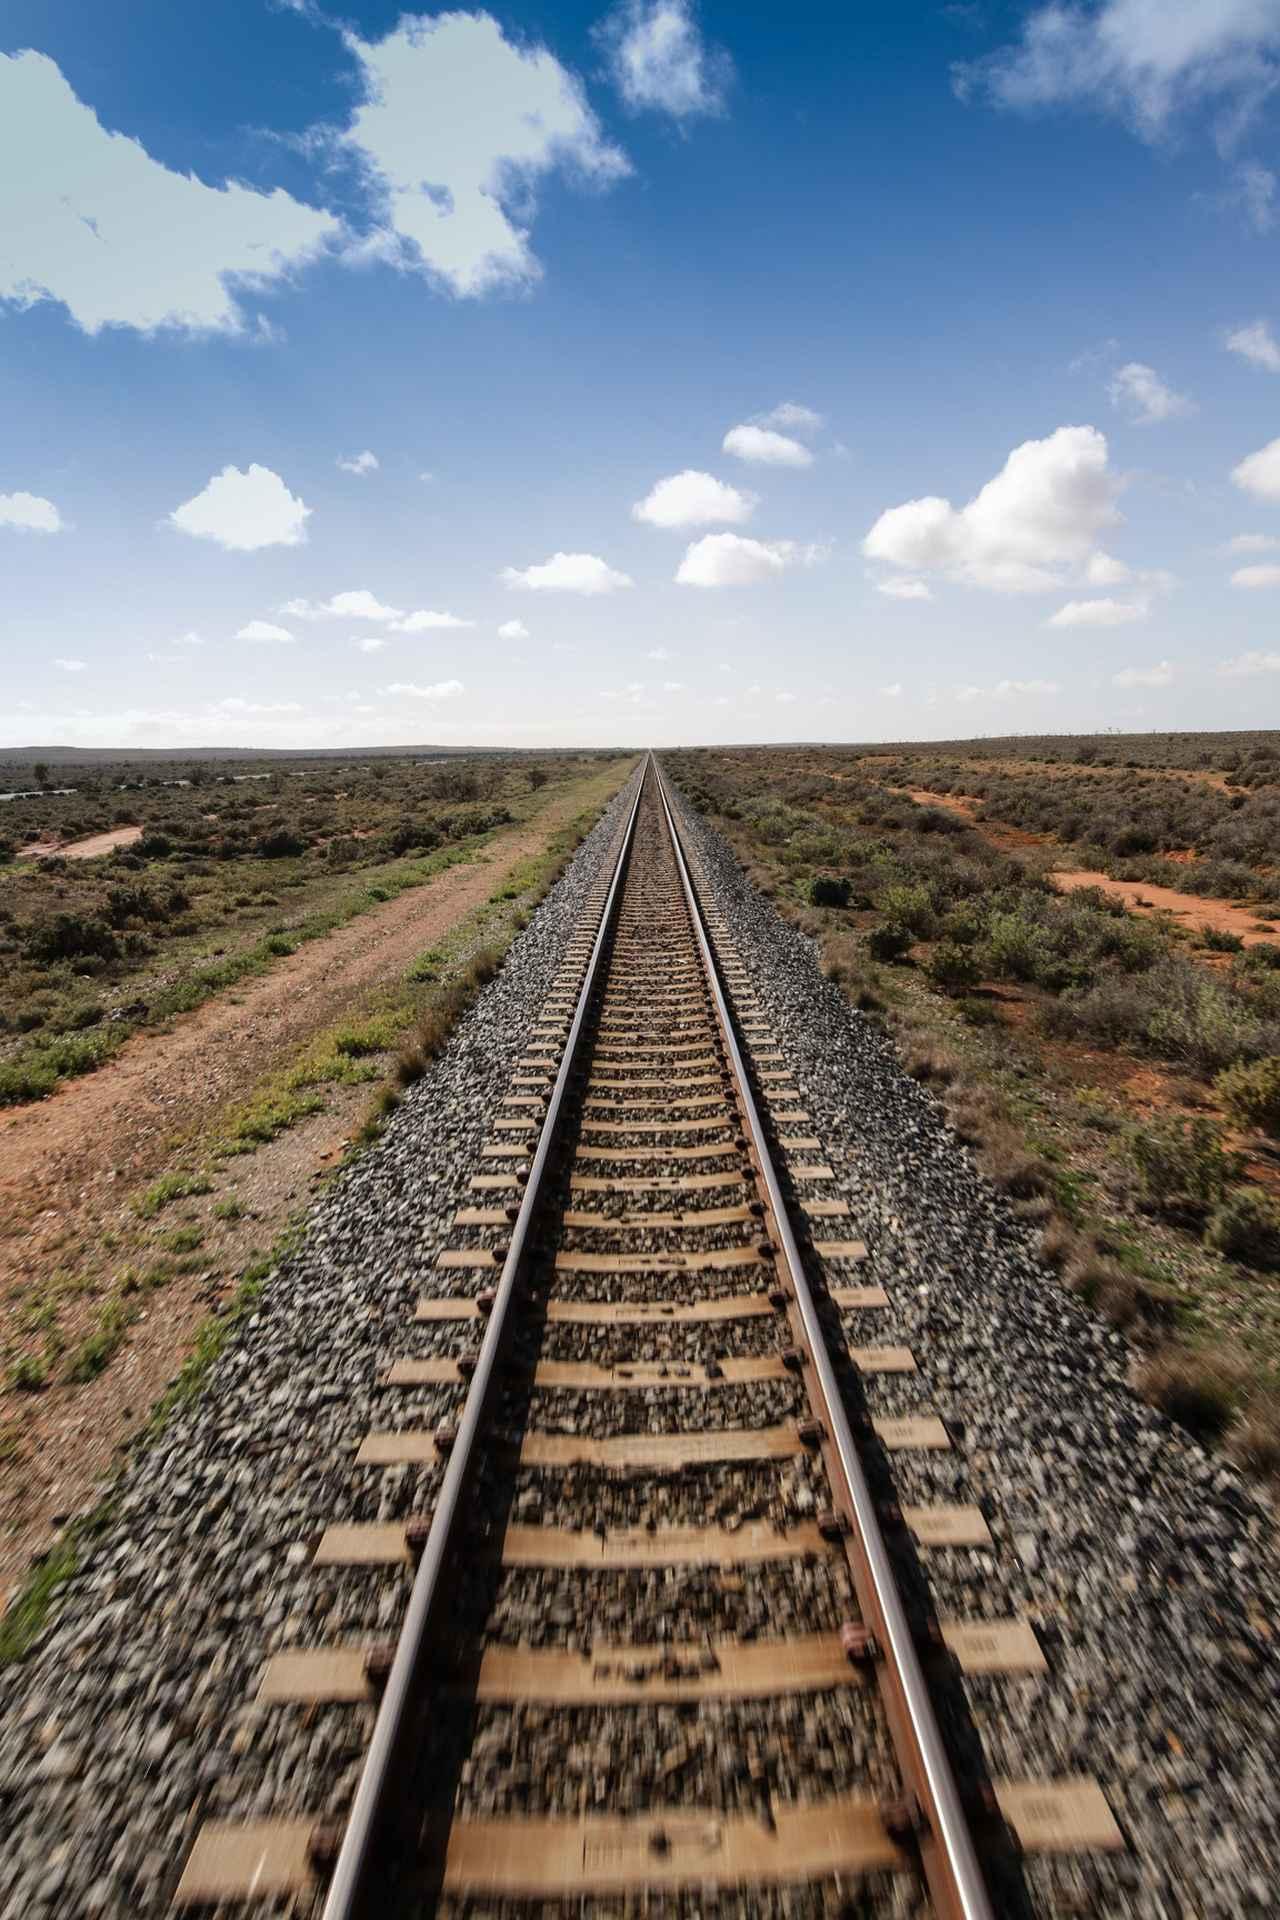 画像: 見渡す限り大平原の中をまっすぐ伸びる線路(イメージ)